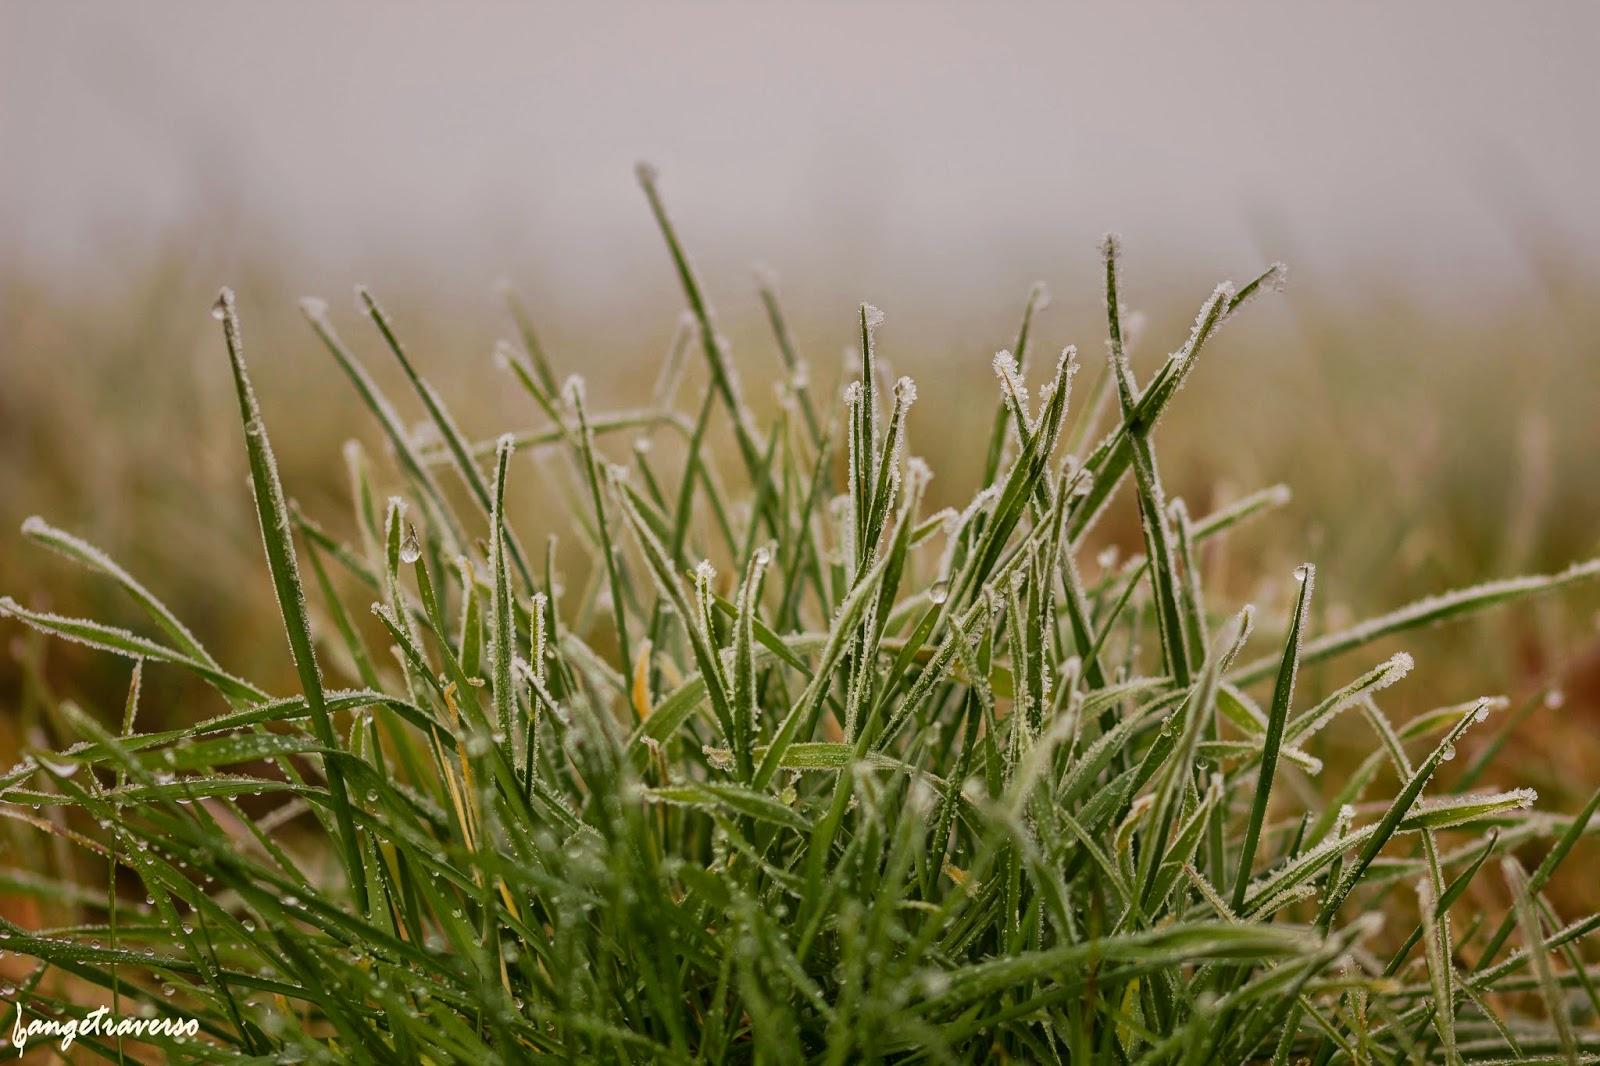 Herbe gelée couverte de givre par un matin brumeux en janvier 2015.